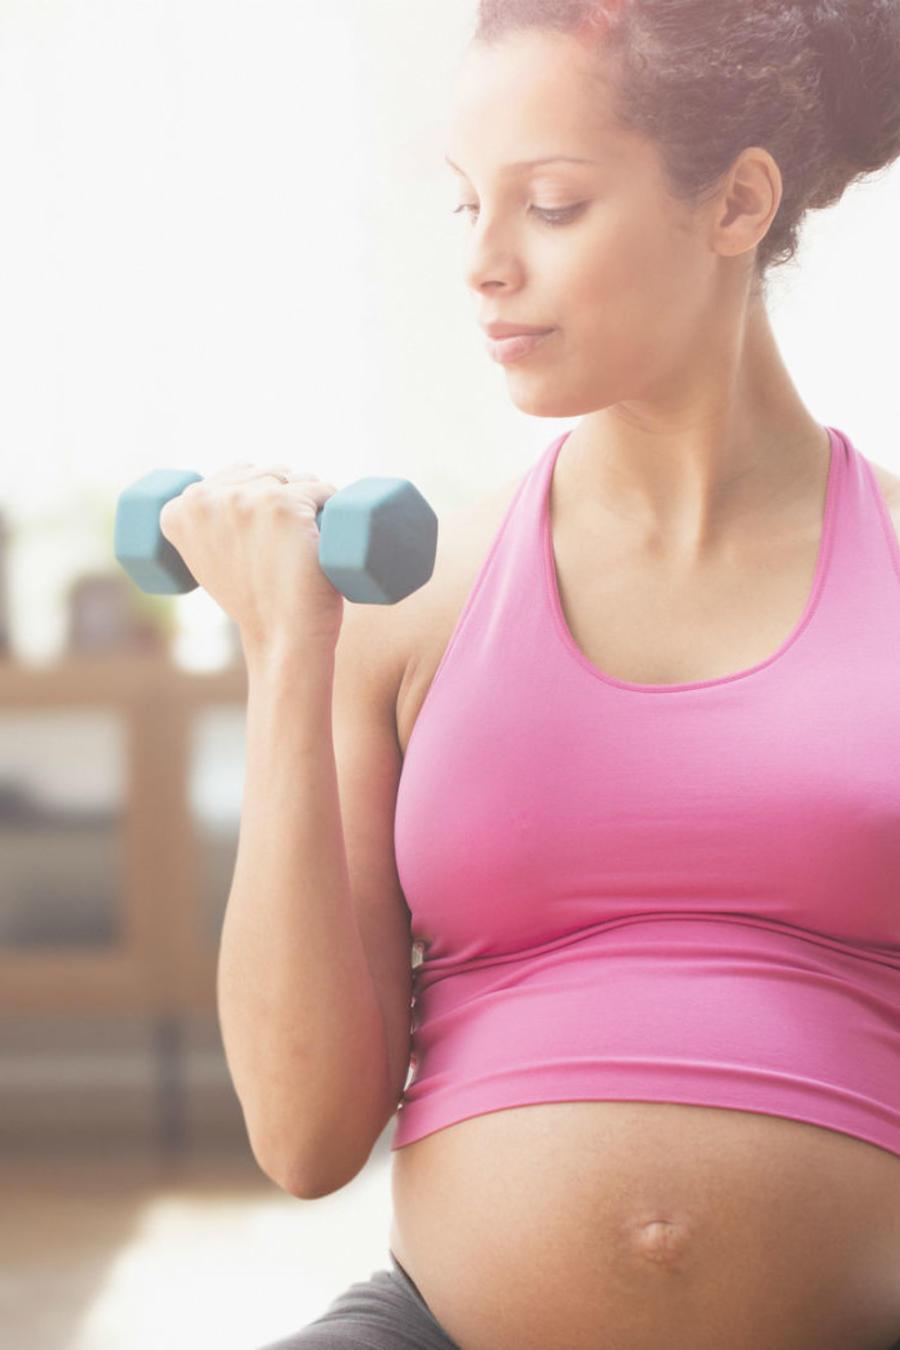 Mujer embarazada haciendo ejercicio con pesas